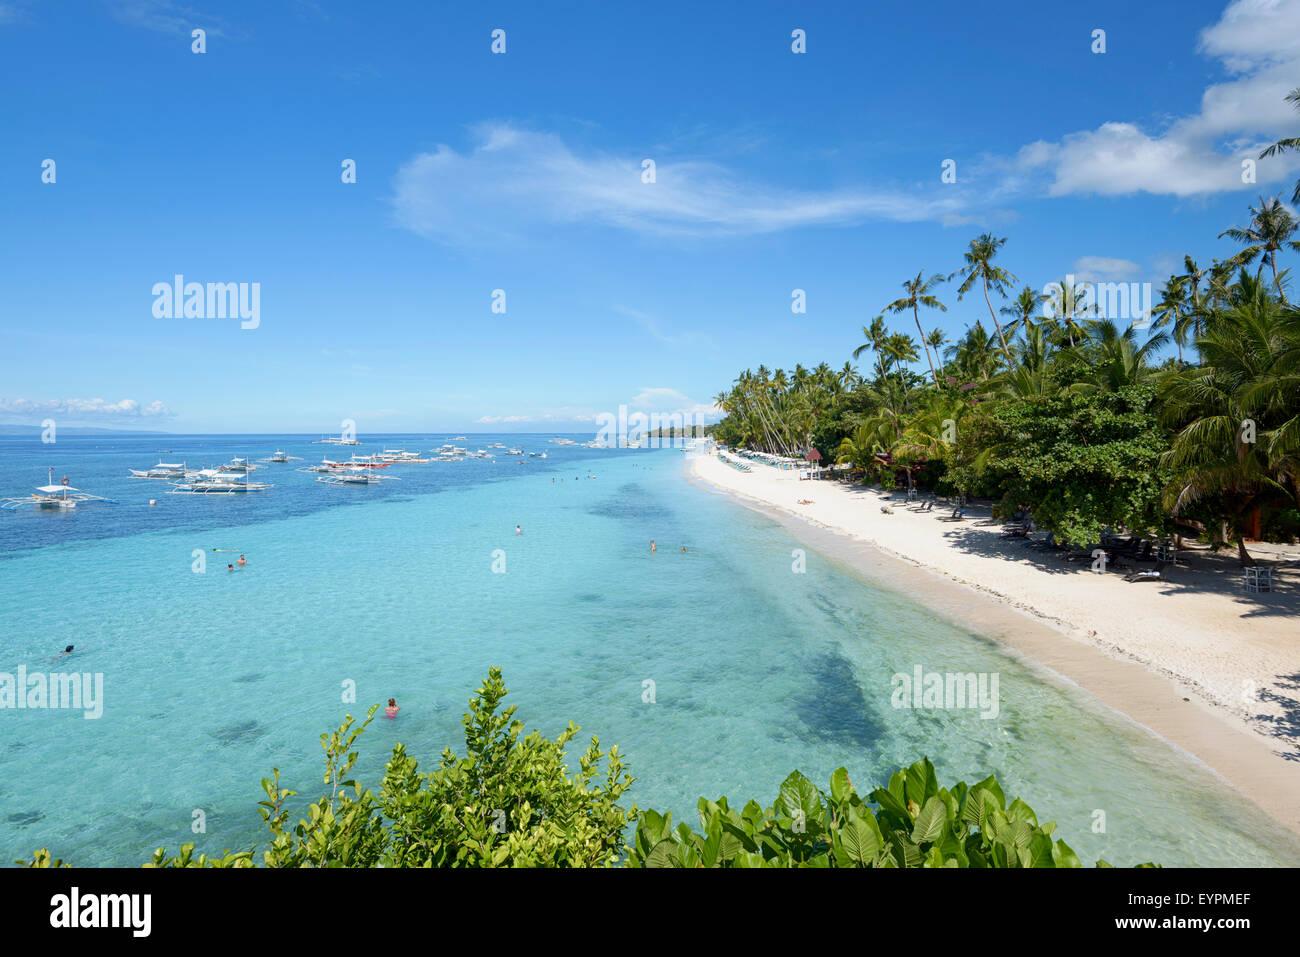 Aloha Beach Resort Bohol